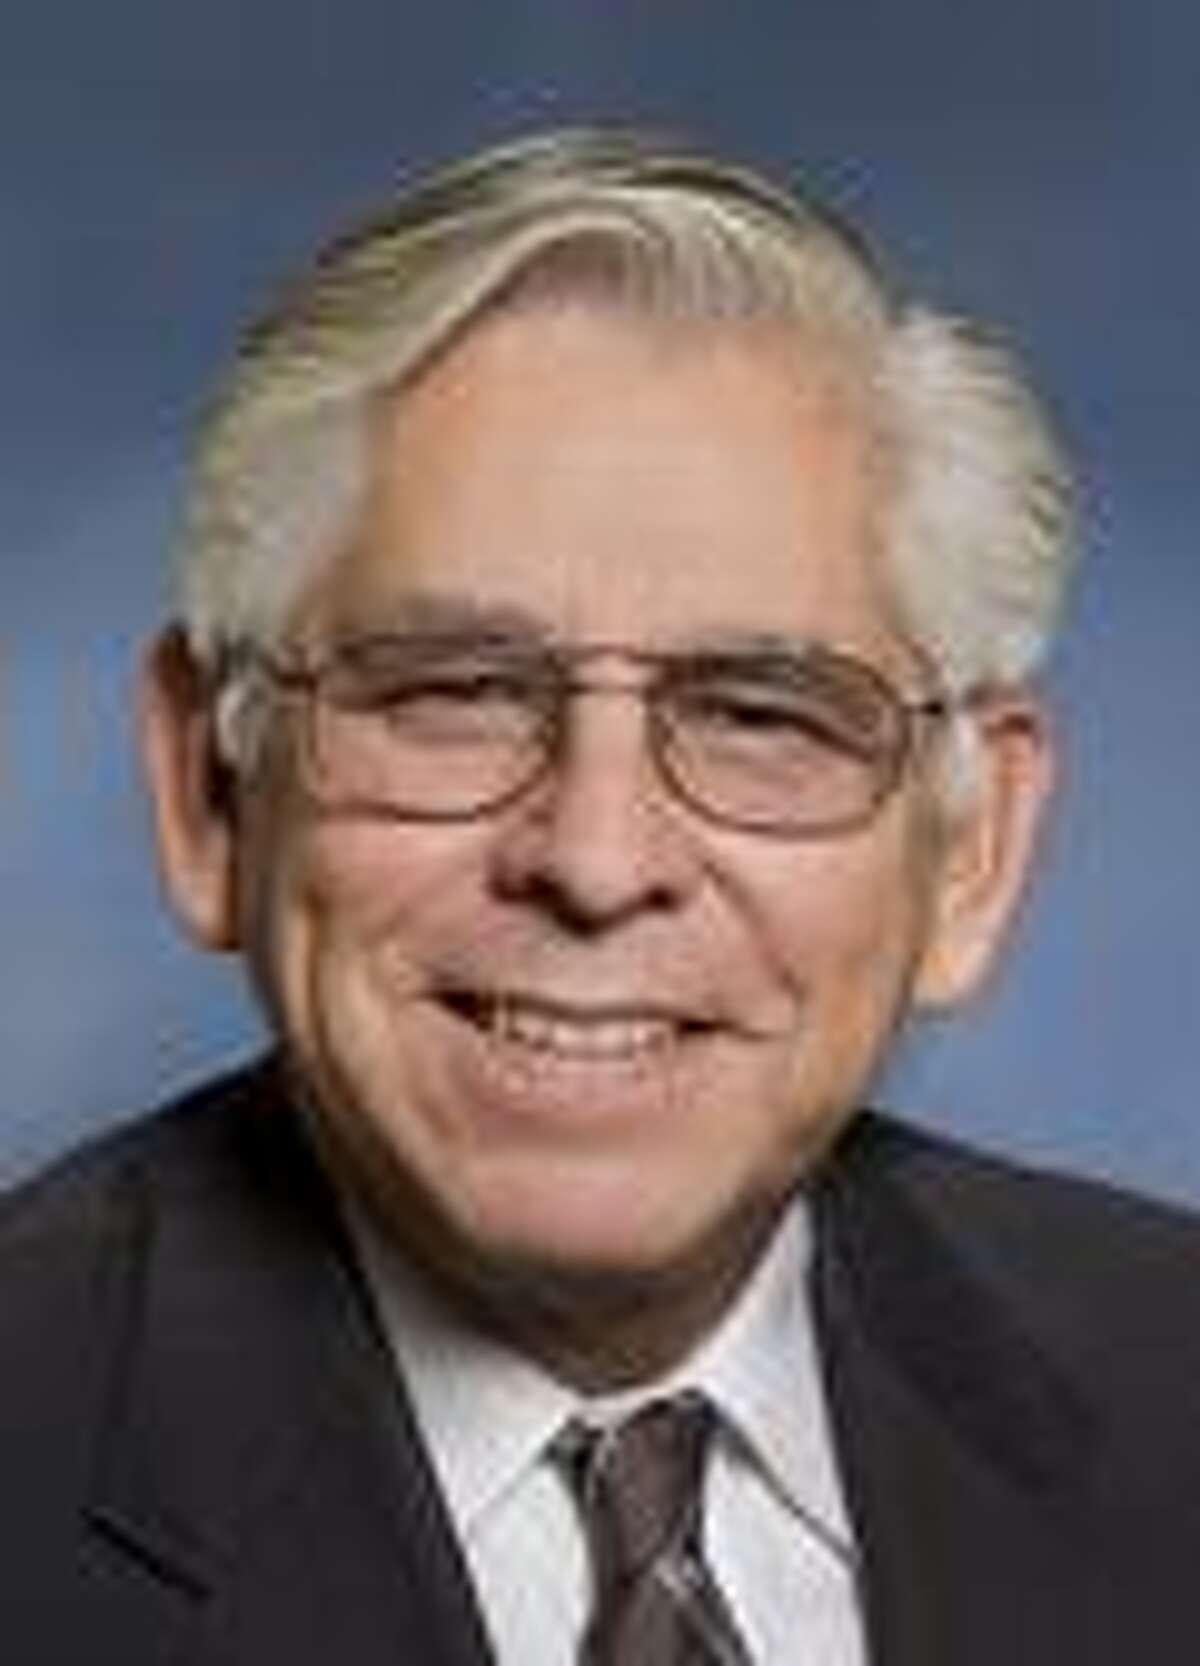 Hector R. Morales, 72,